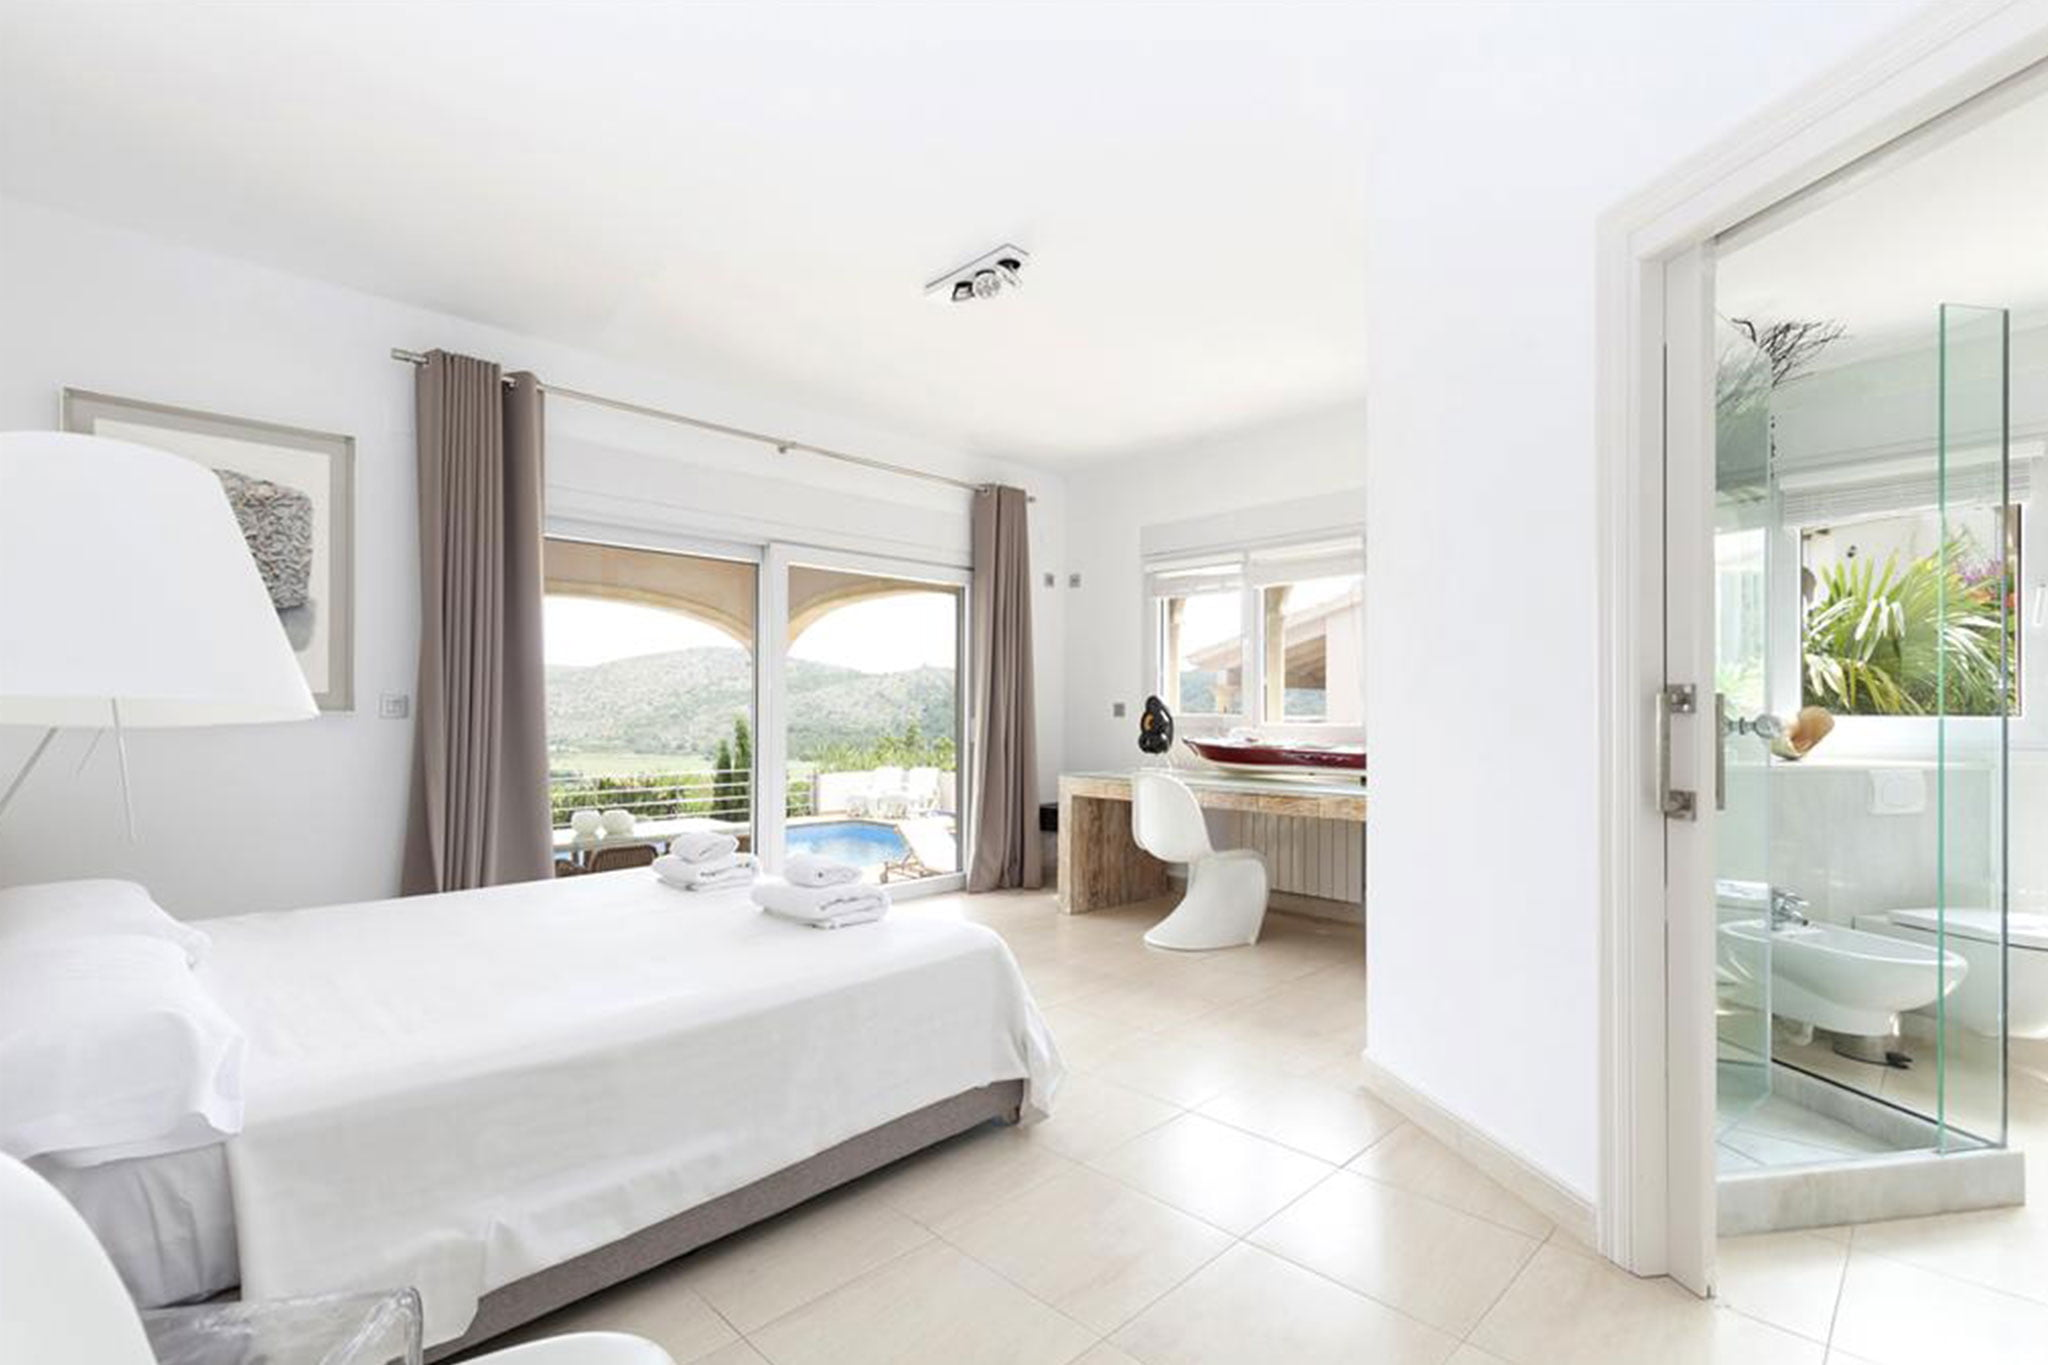 Dormitorio en una villa de vacaciones con capacidad para ocho personas – Quality Rent a Villa